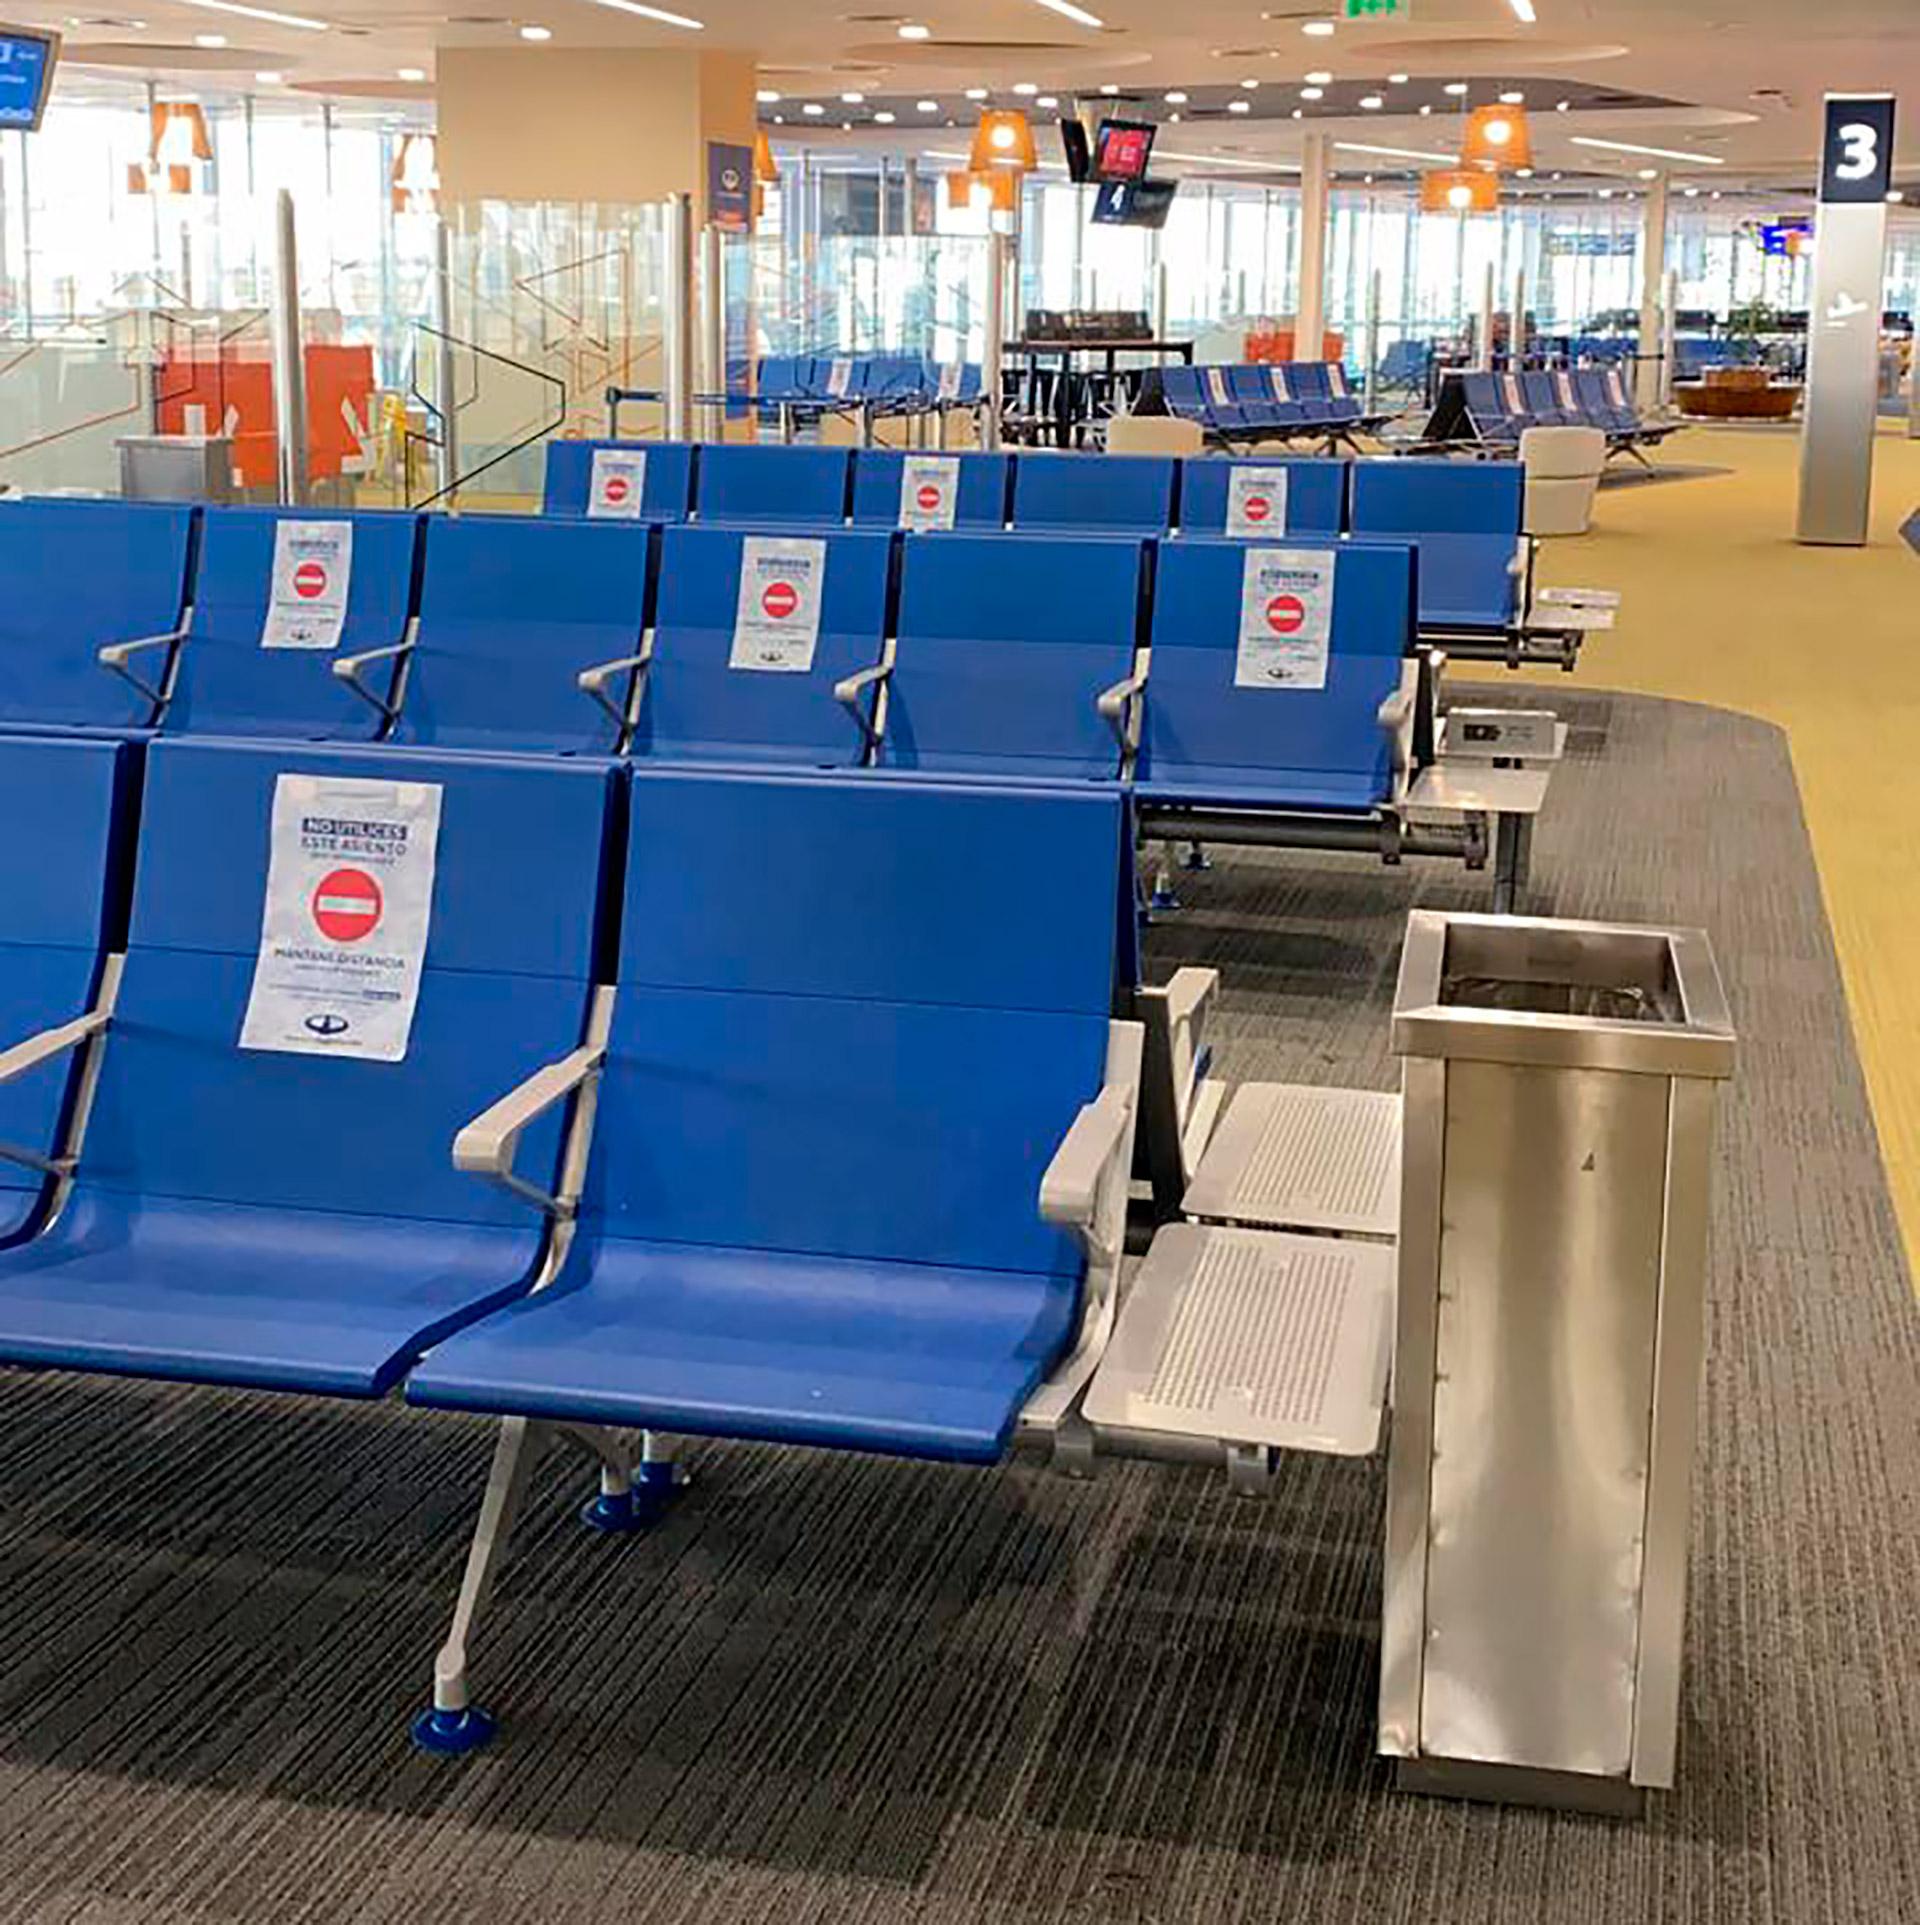 Se podrá usar sólo una parte de los asientos del sector de preembarque